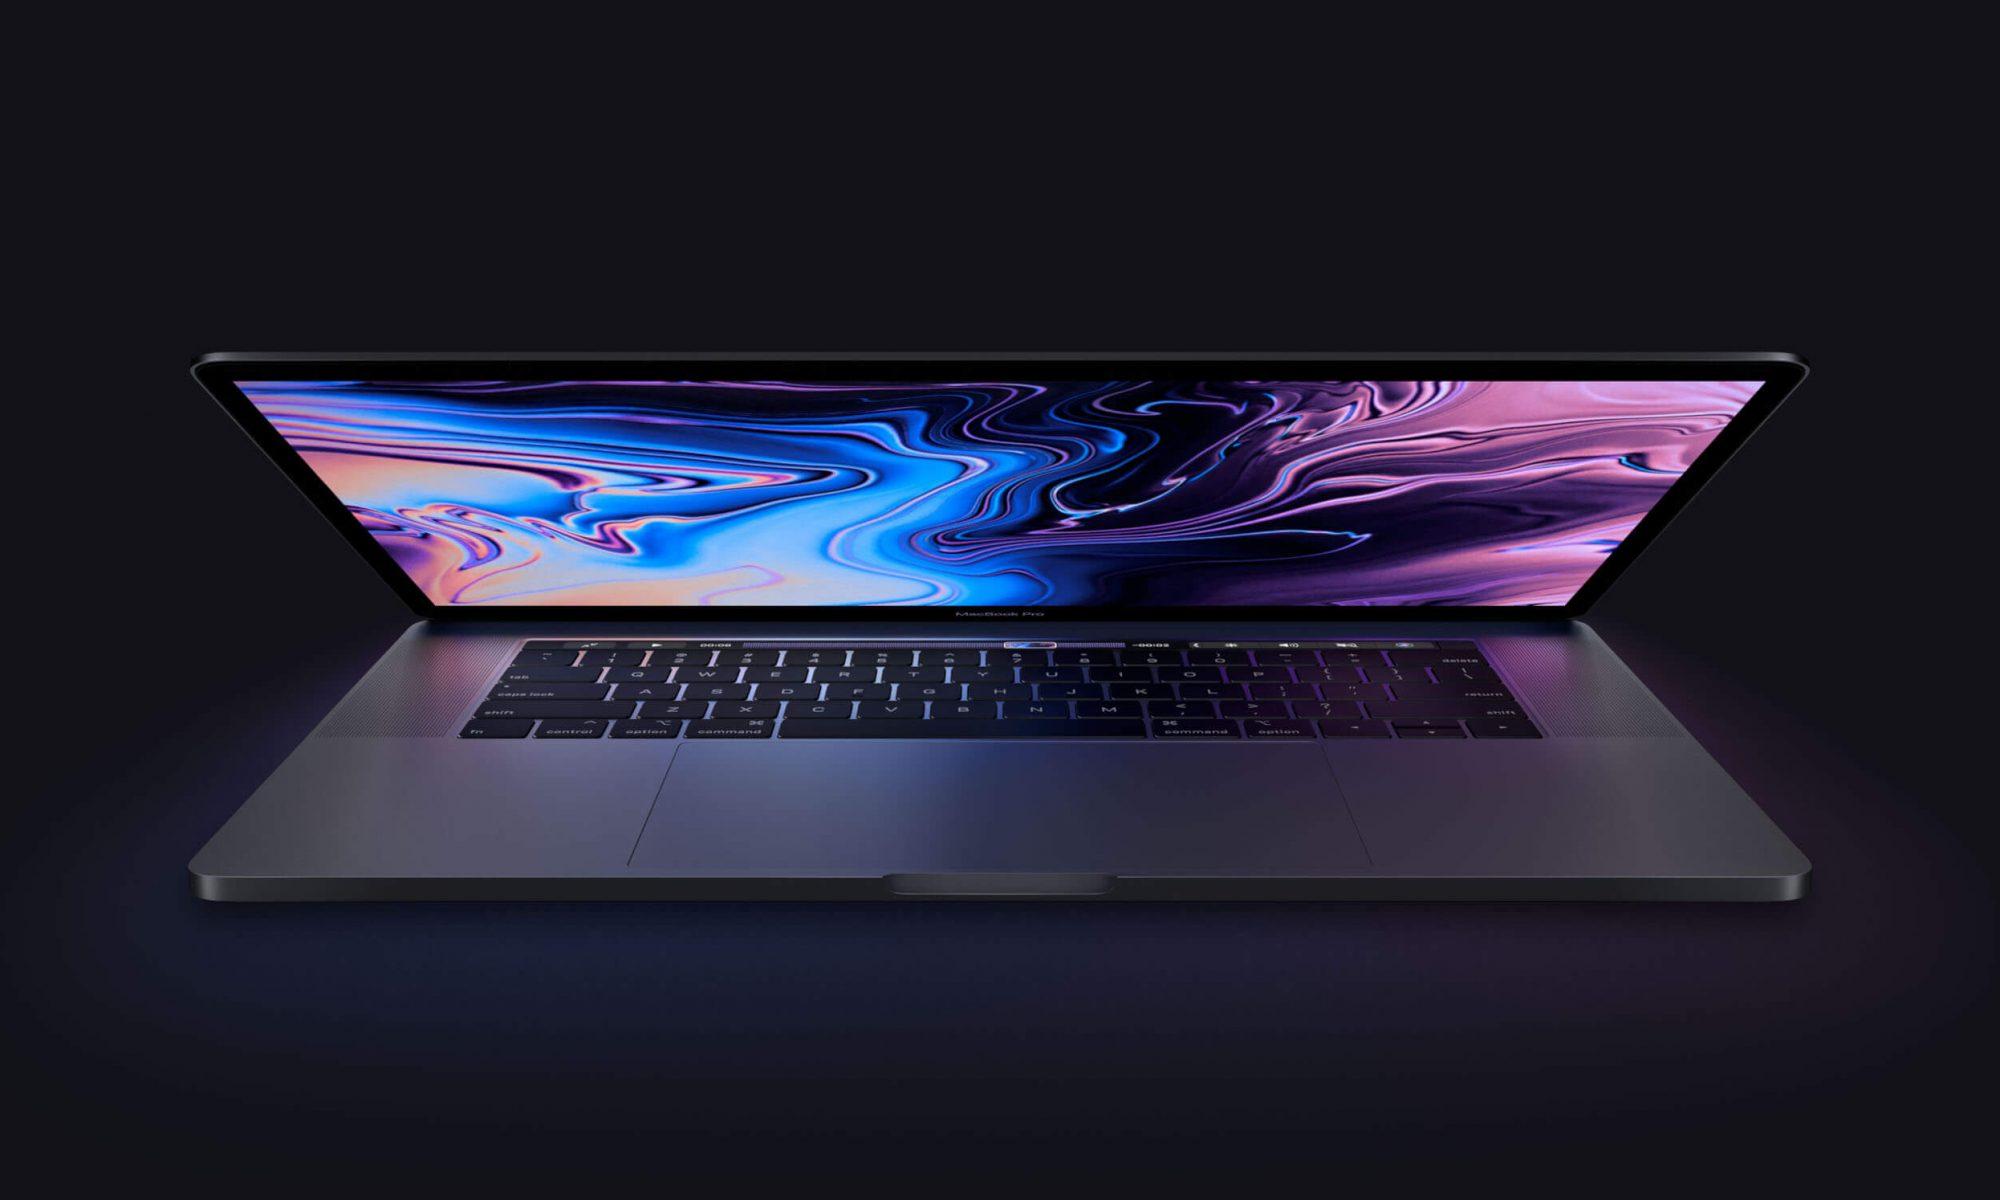 Macbook Pro 2018-2019